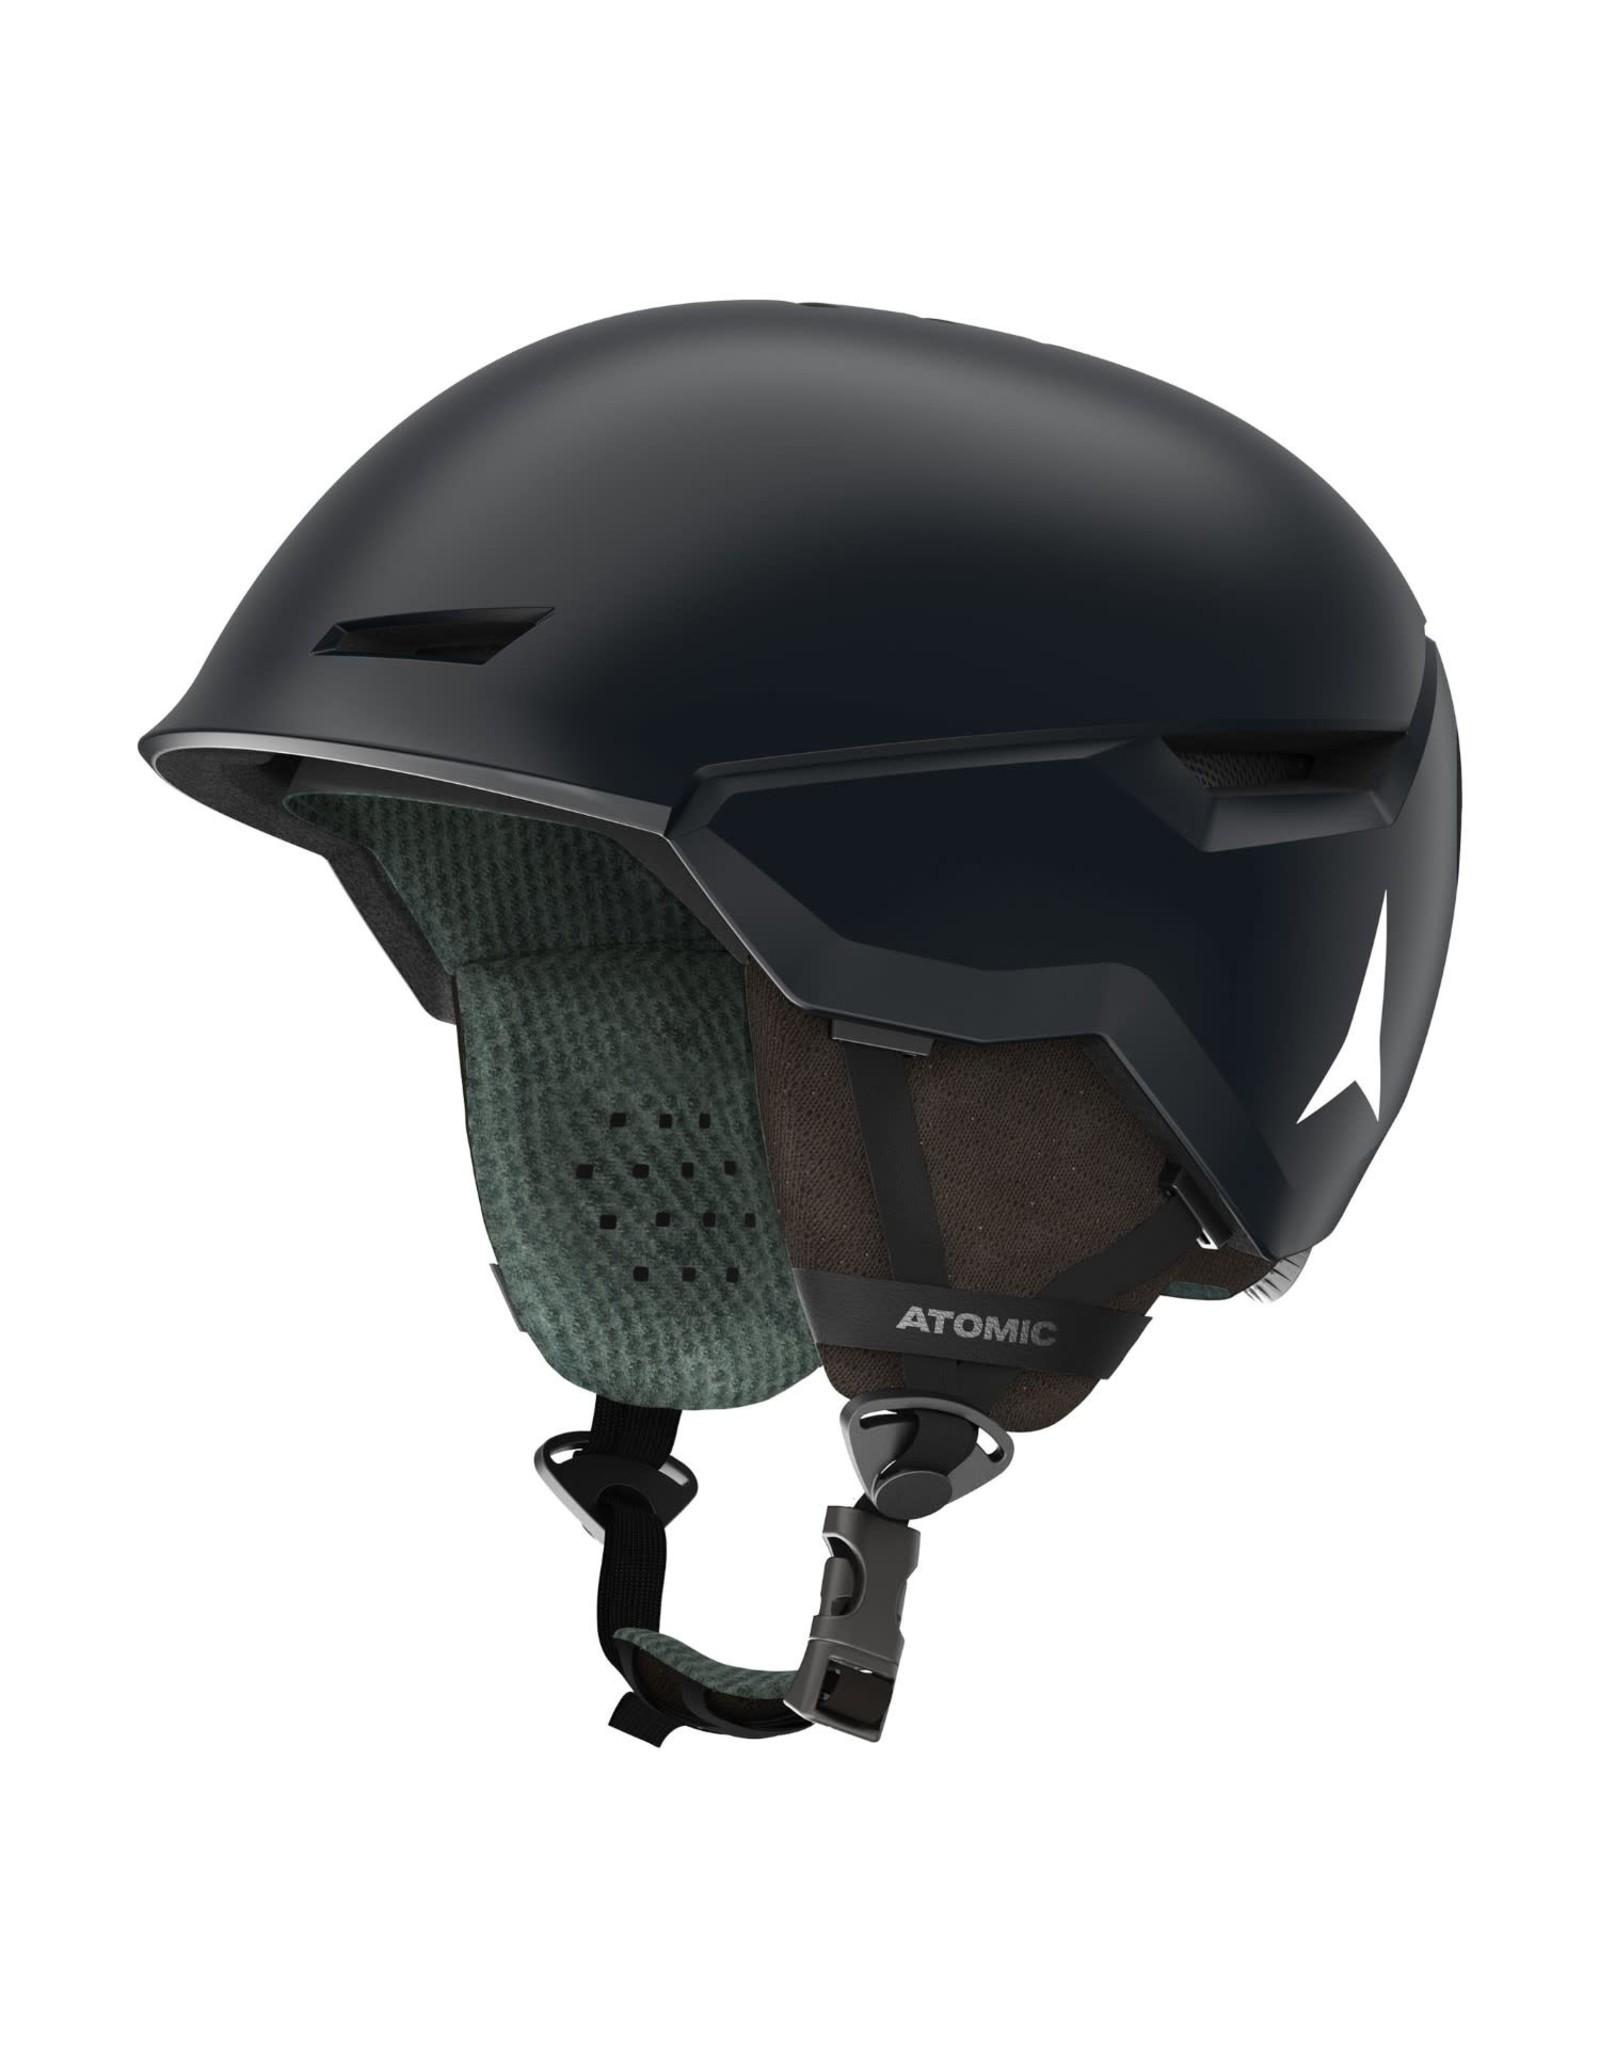 Atomic Atomic Revent Helmet - Unisex